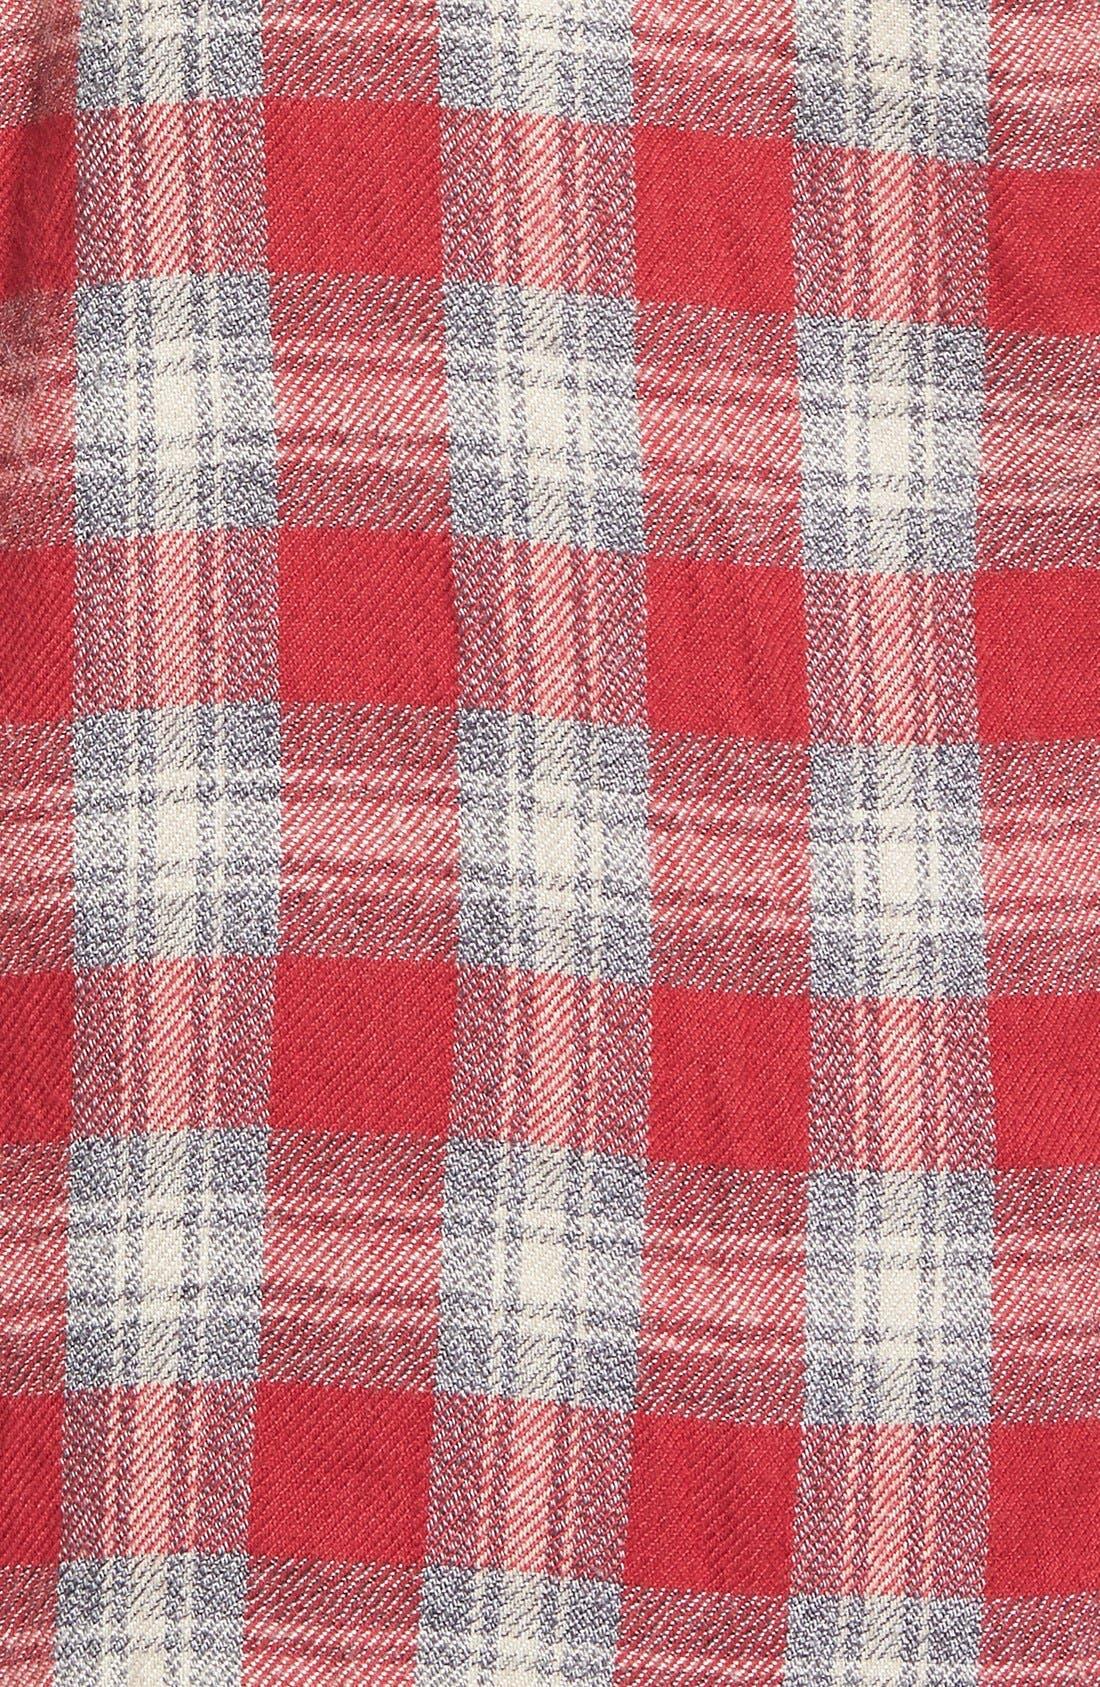 'Fairfax Plaid' Ex-Boyfriend Shirt,                             Alternate thumbnail 3, color,                             600